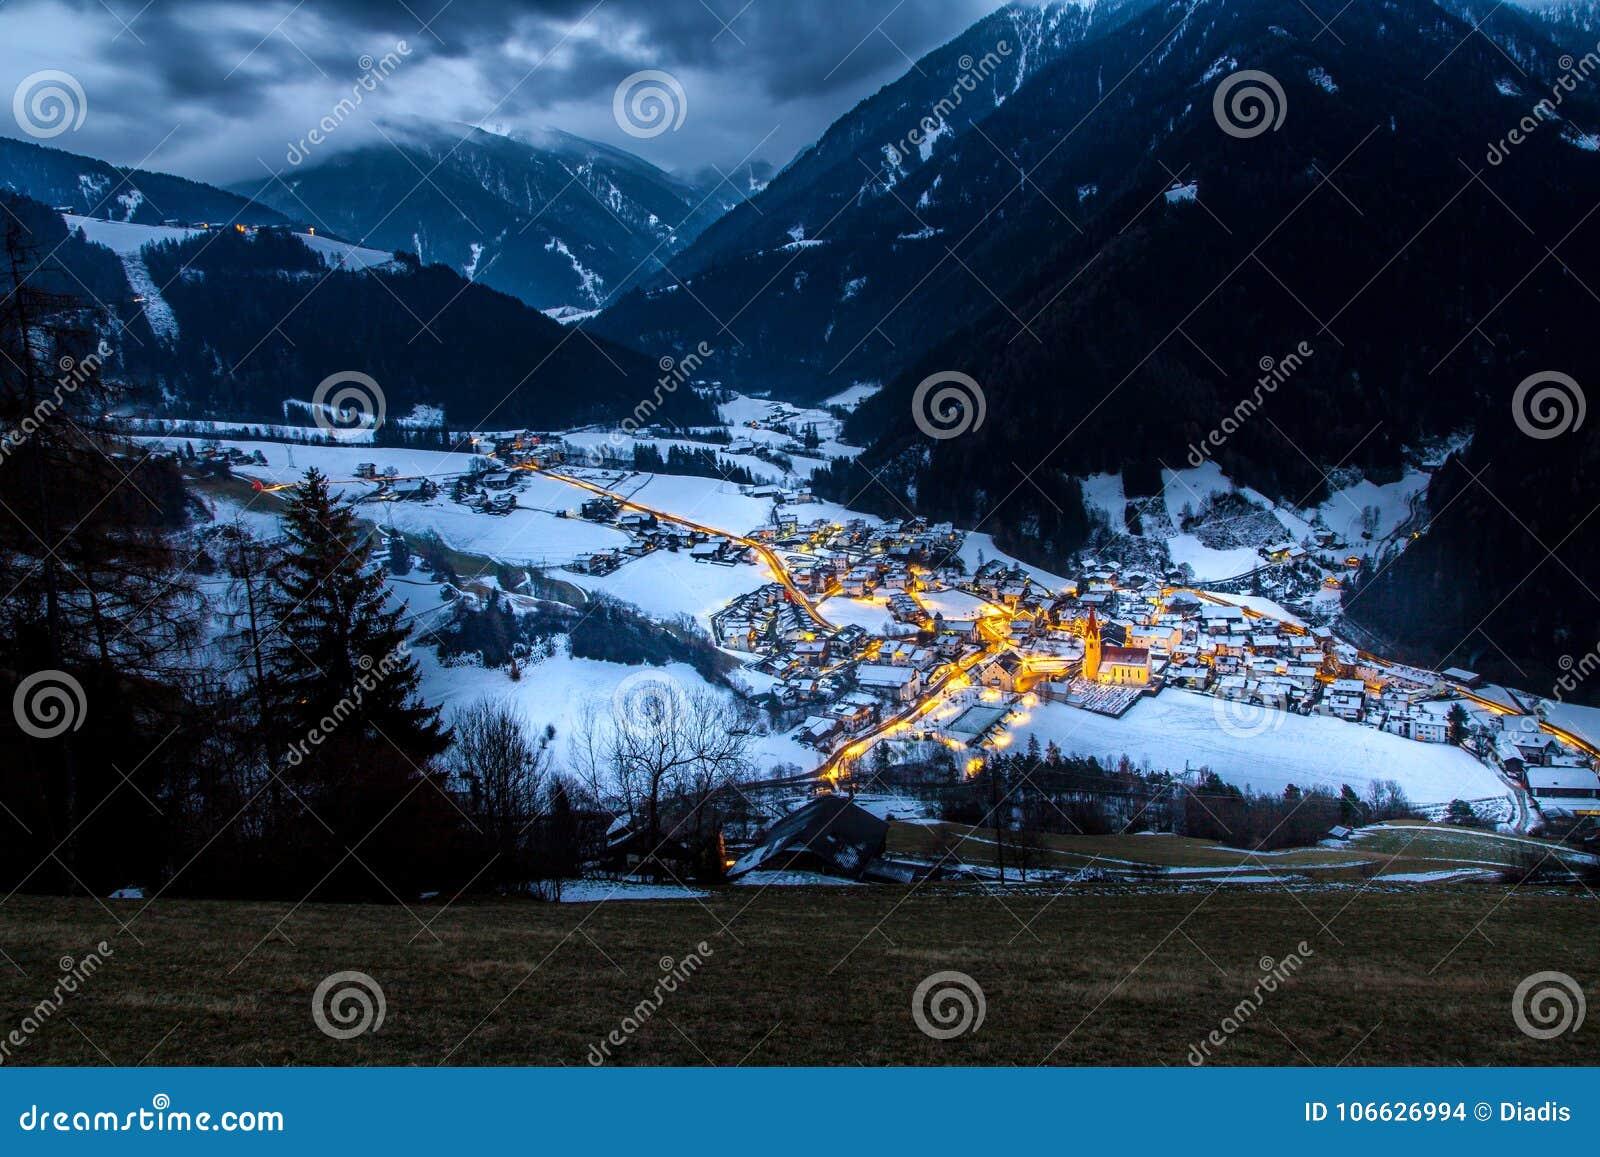 Den bästa sikten på snöig by luesen dalen på natten södra tirol det